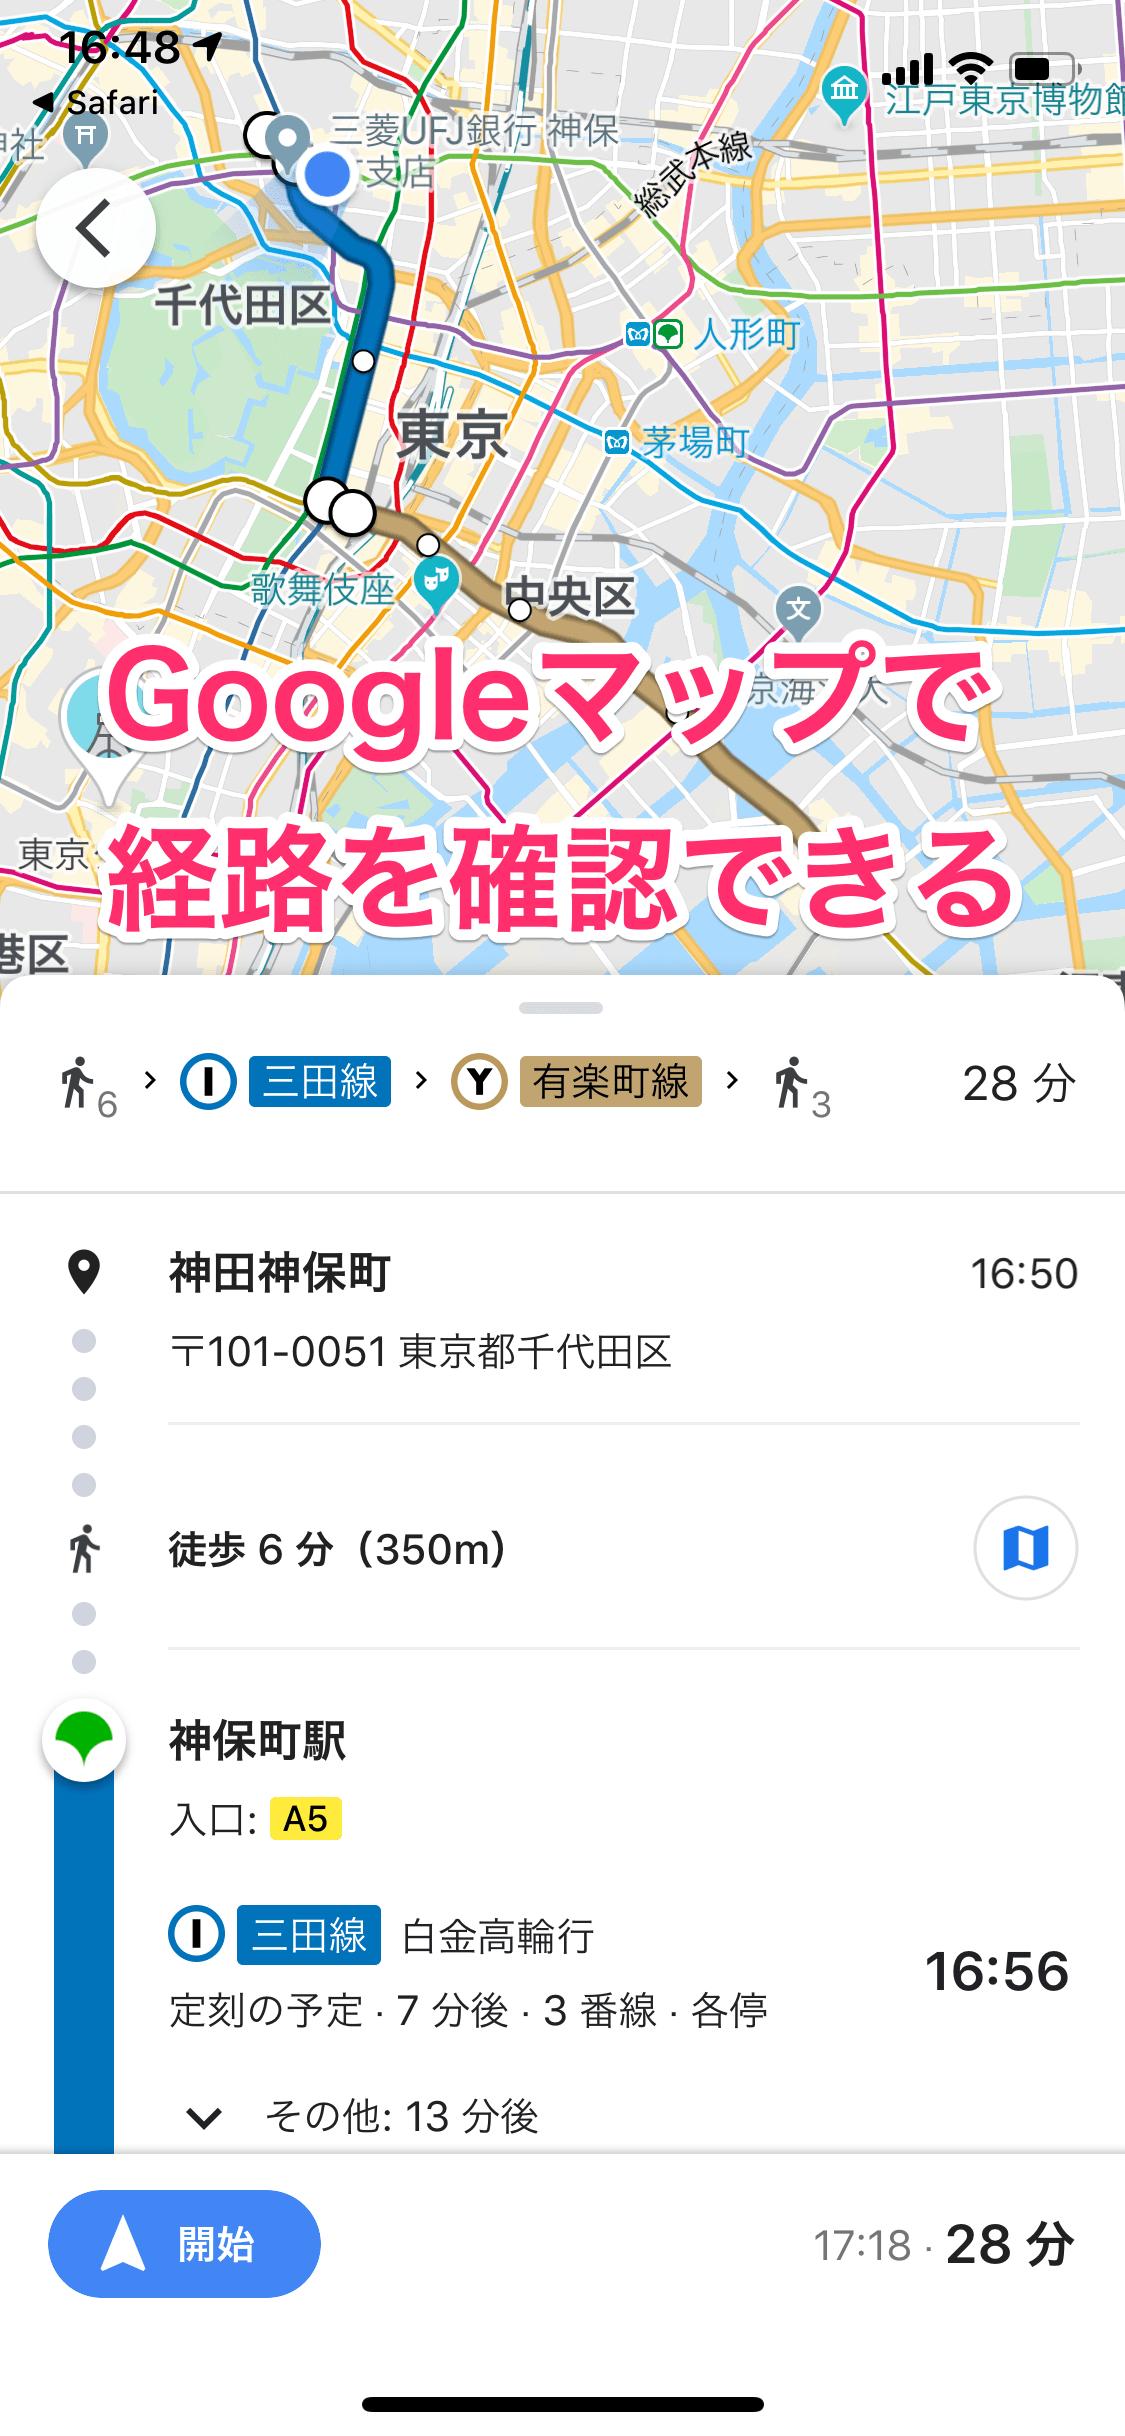 スマホでの路線検索はコレが最速! Google検索で乗換案内を表示する方法